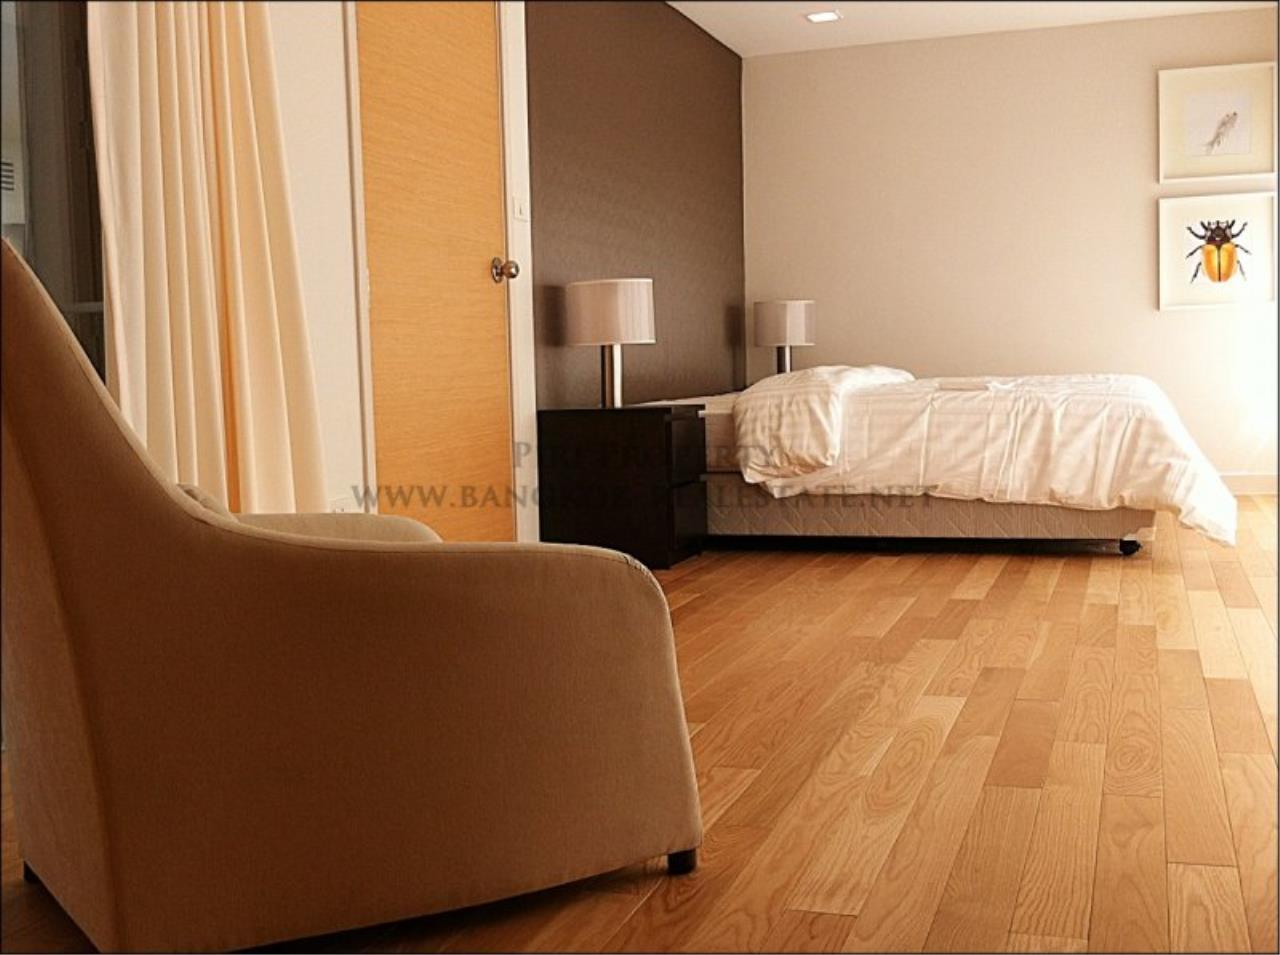 Piri Property Agency's Amazing Duplex Condominium for Rent - Emporio Place 9